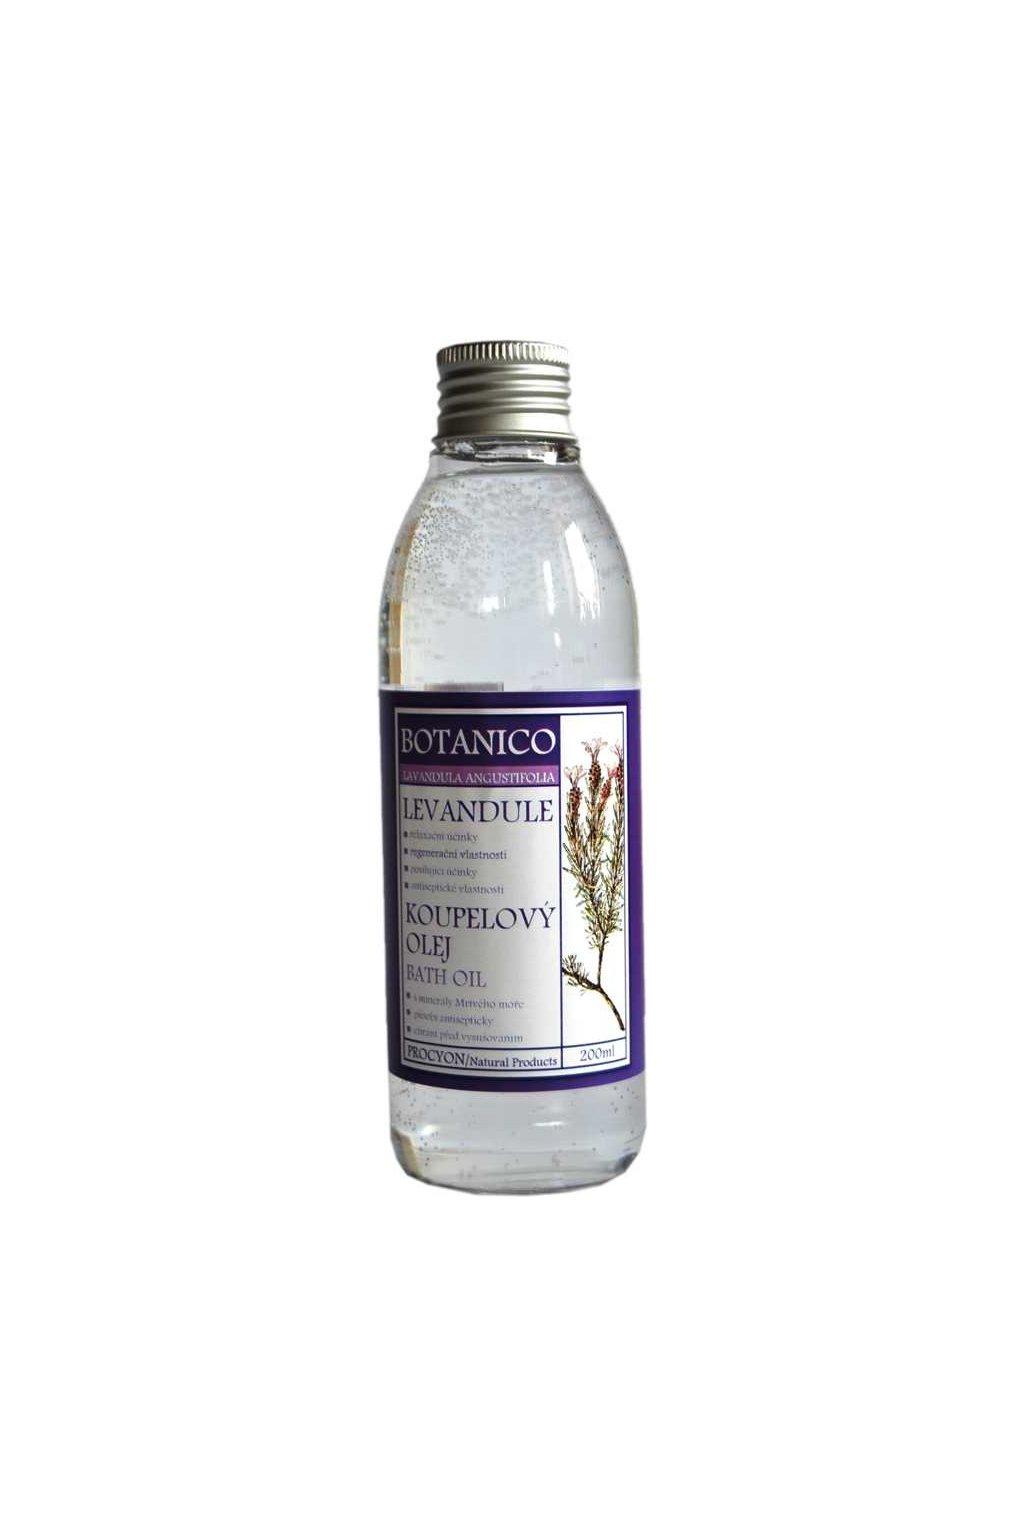 Botanico - Levandulový koupelový olej - 200ml